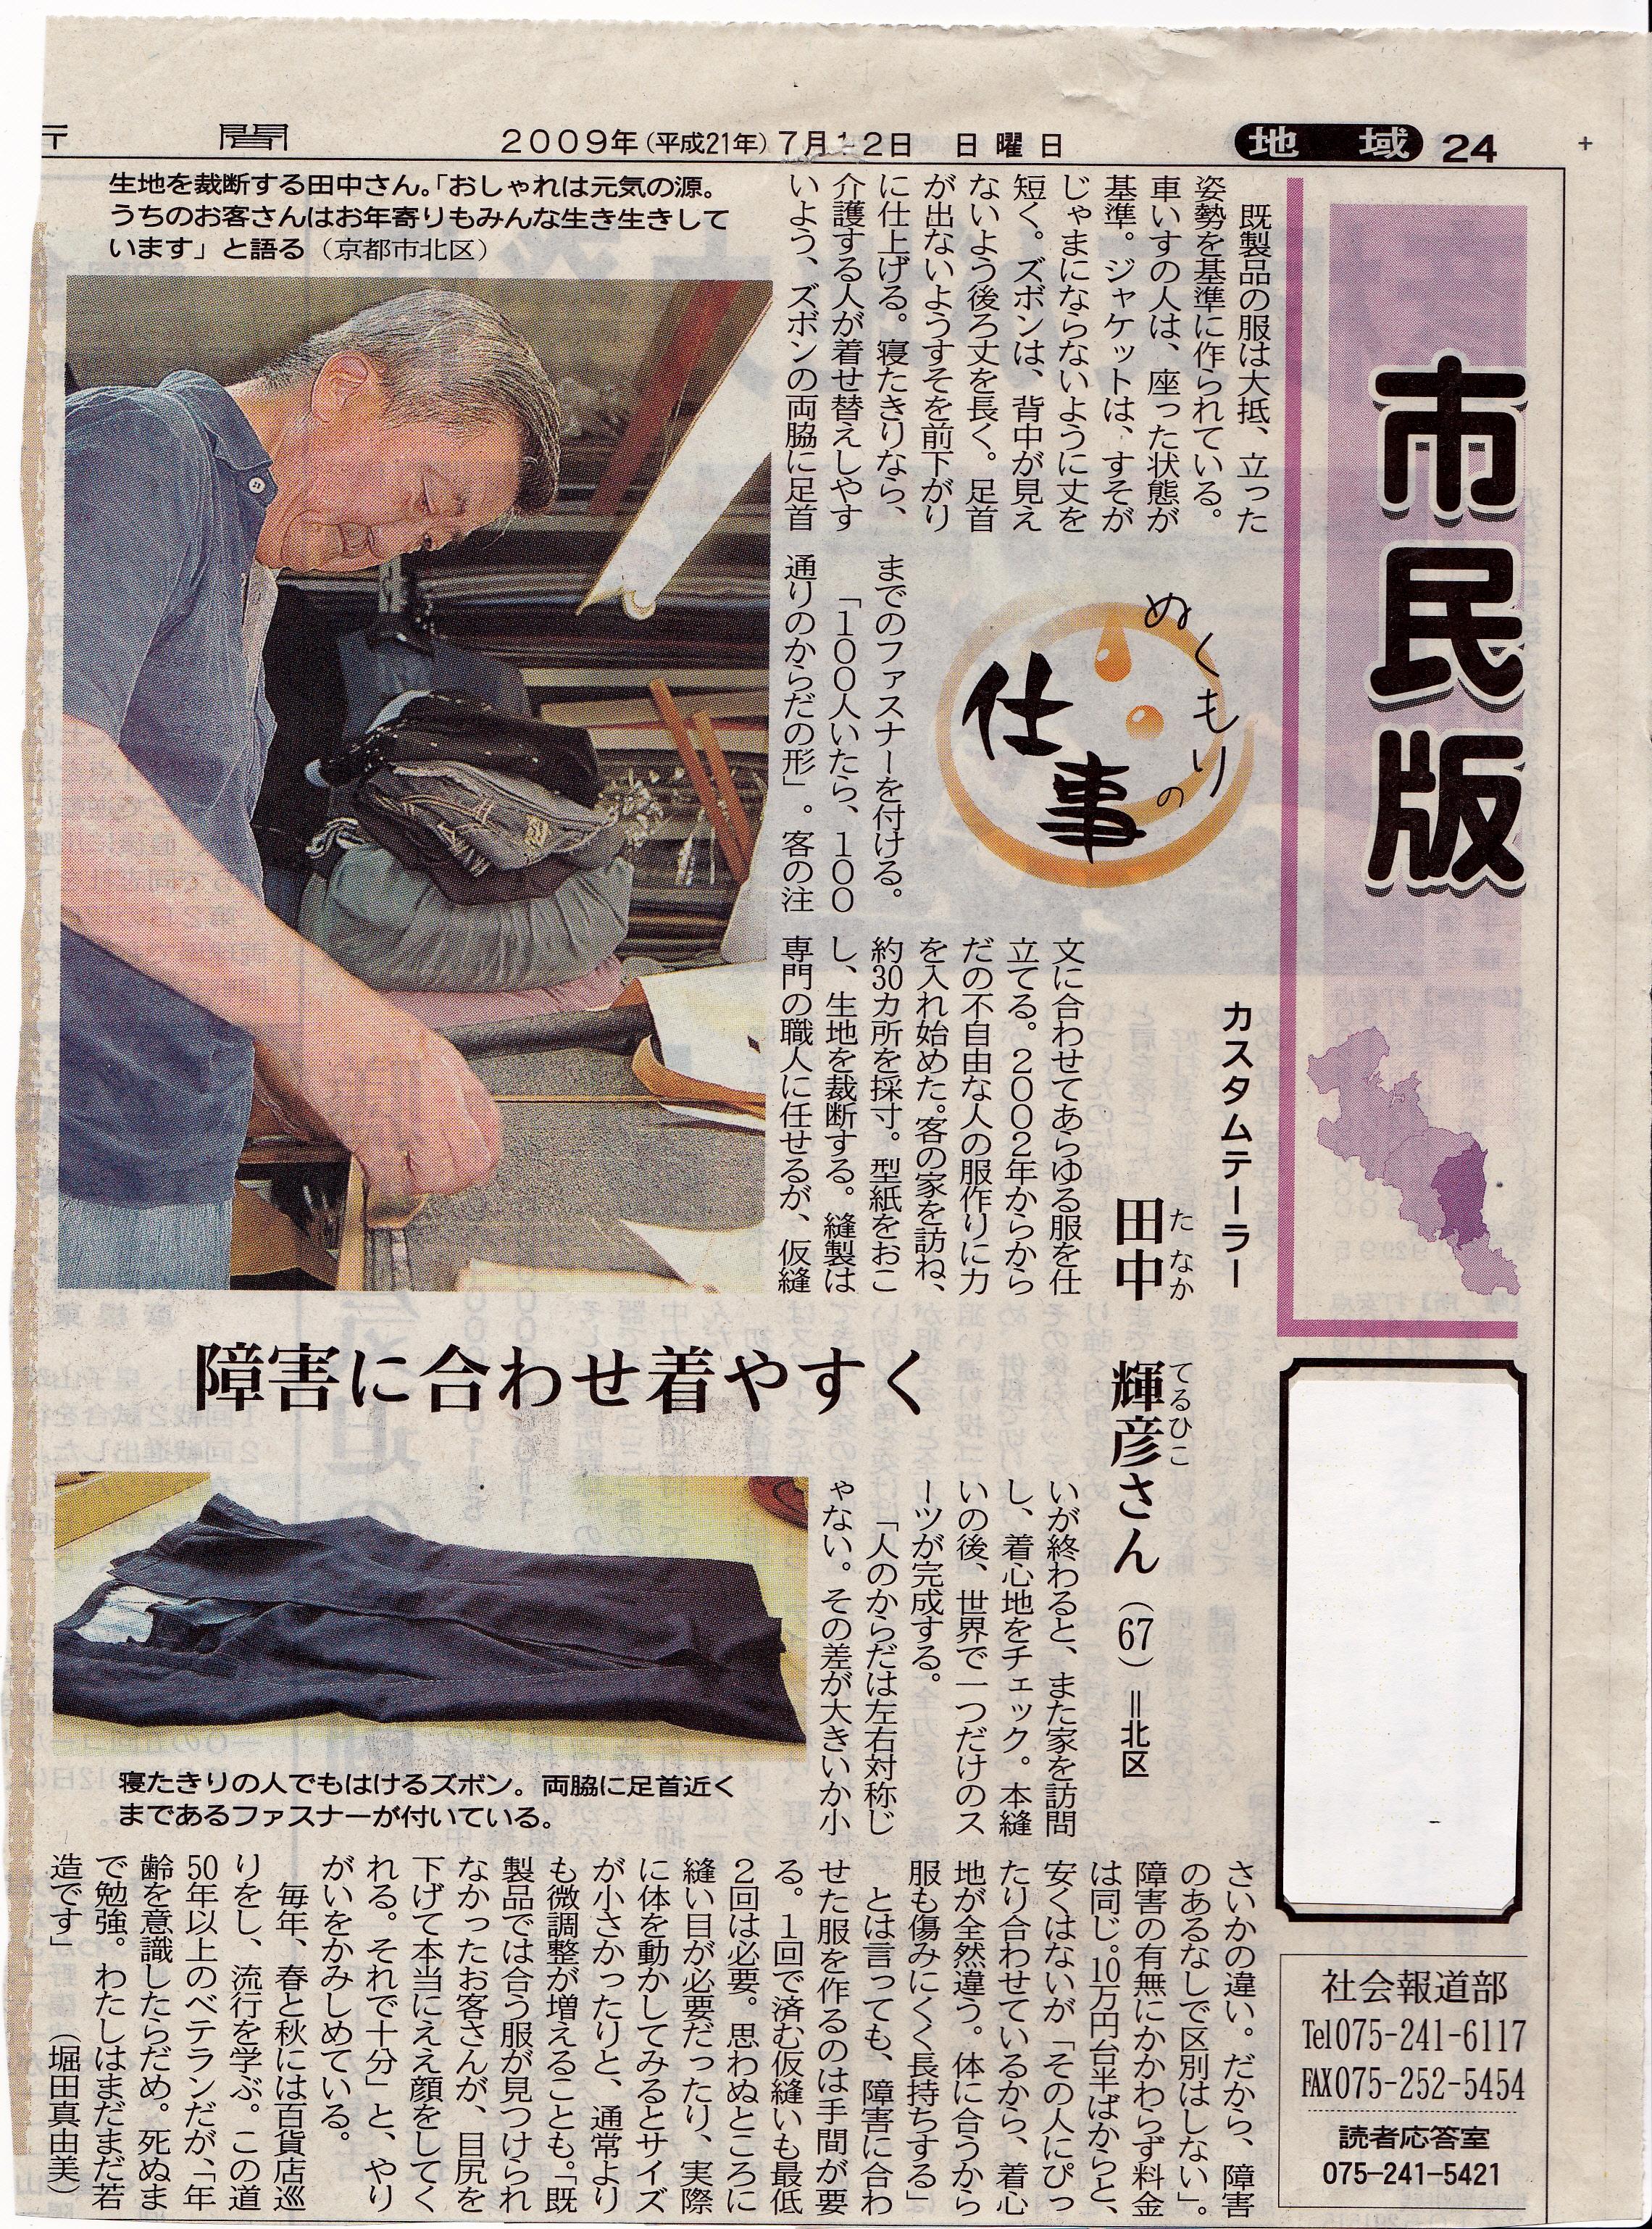 ぬくもり仕事_0002.jpg